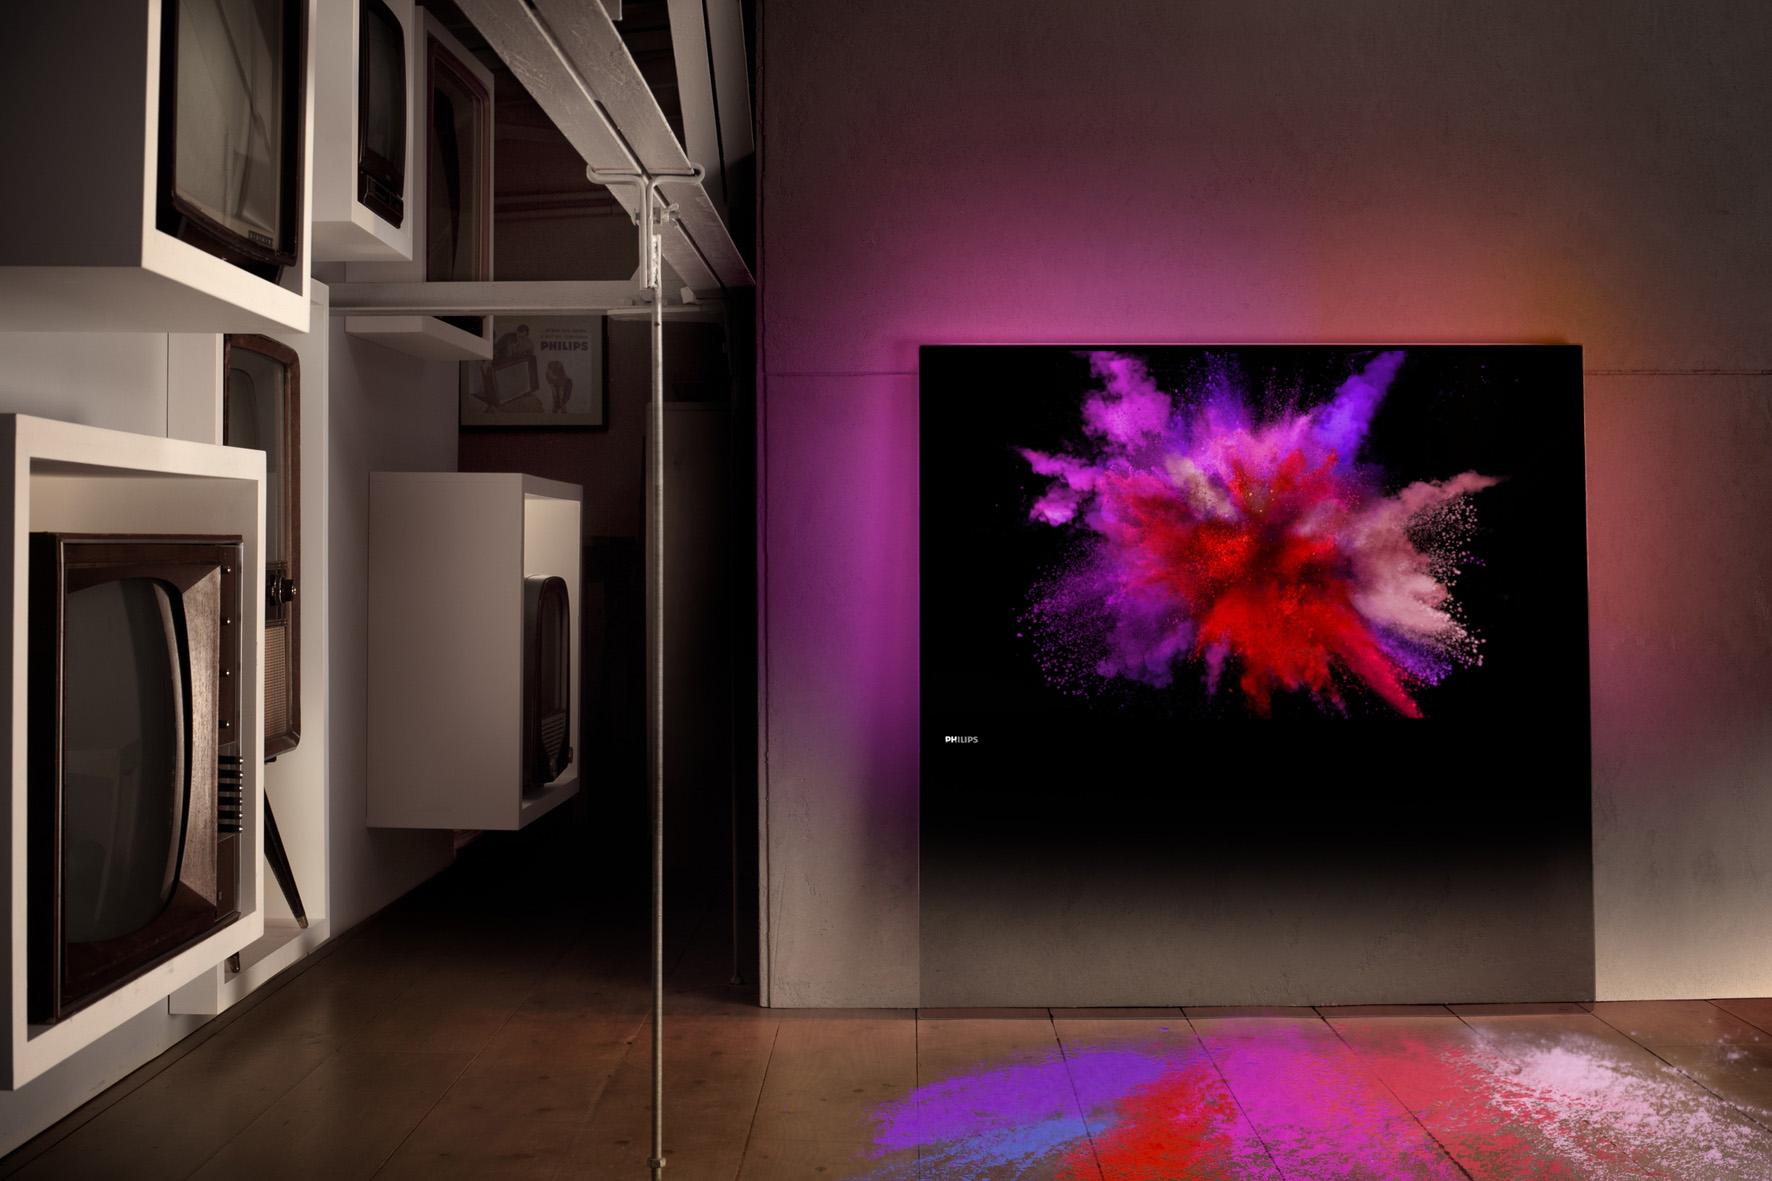 Priznani dizajnerski nagradi IF za Philipsova televizorja